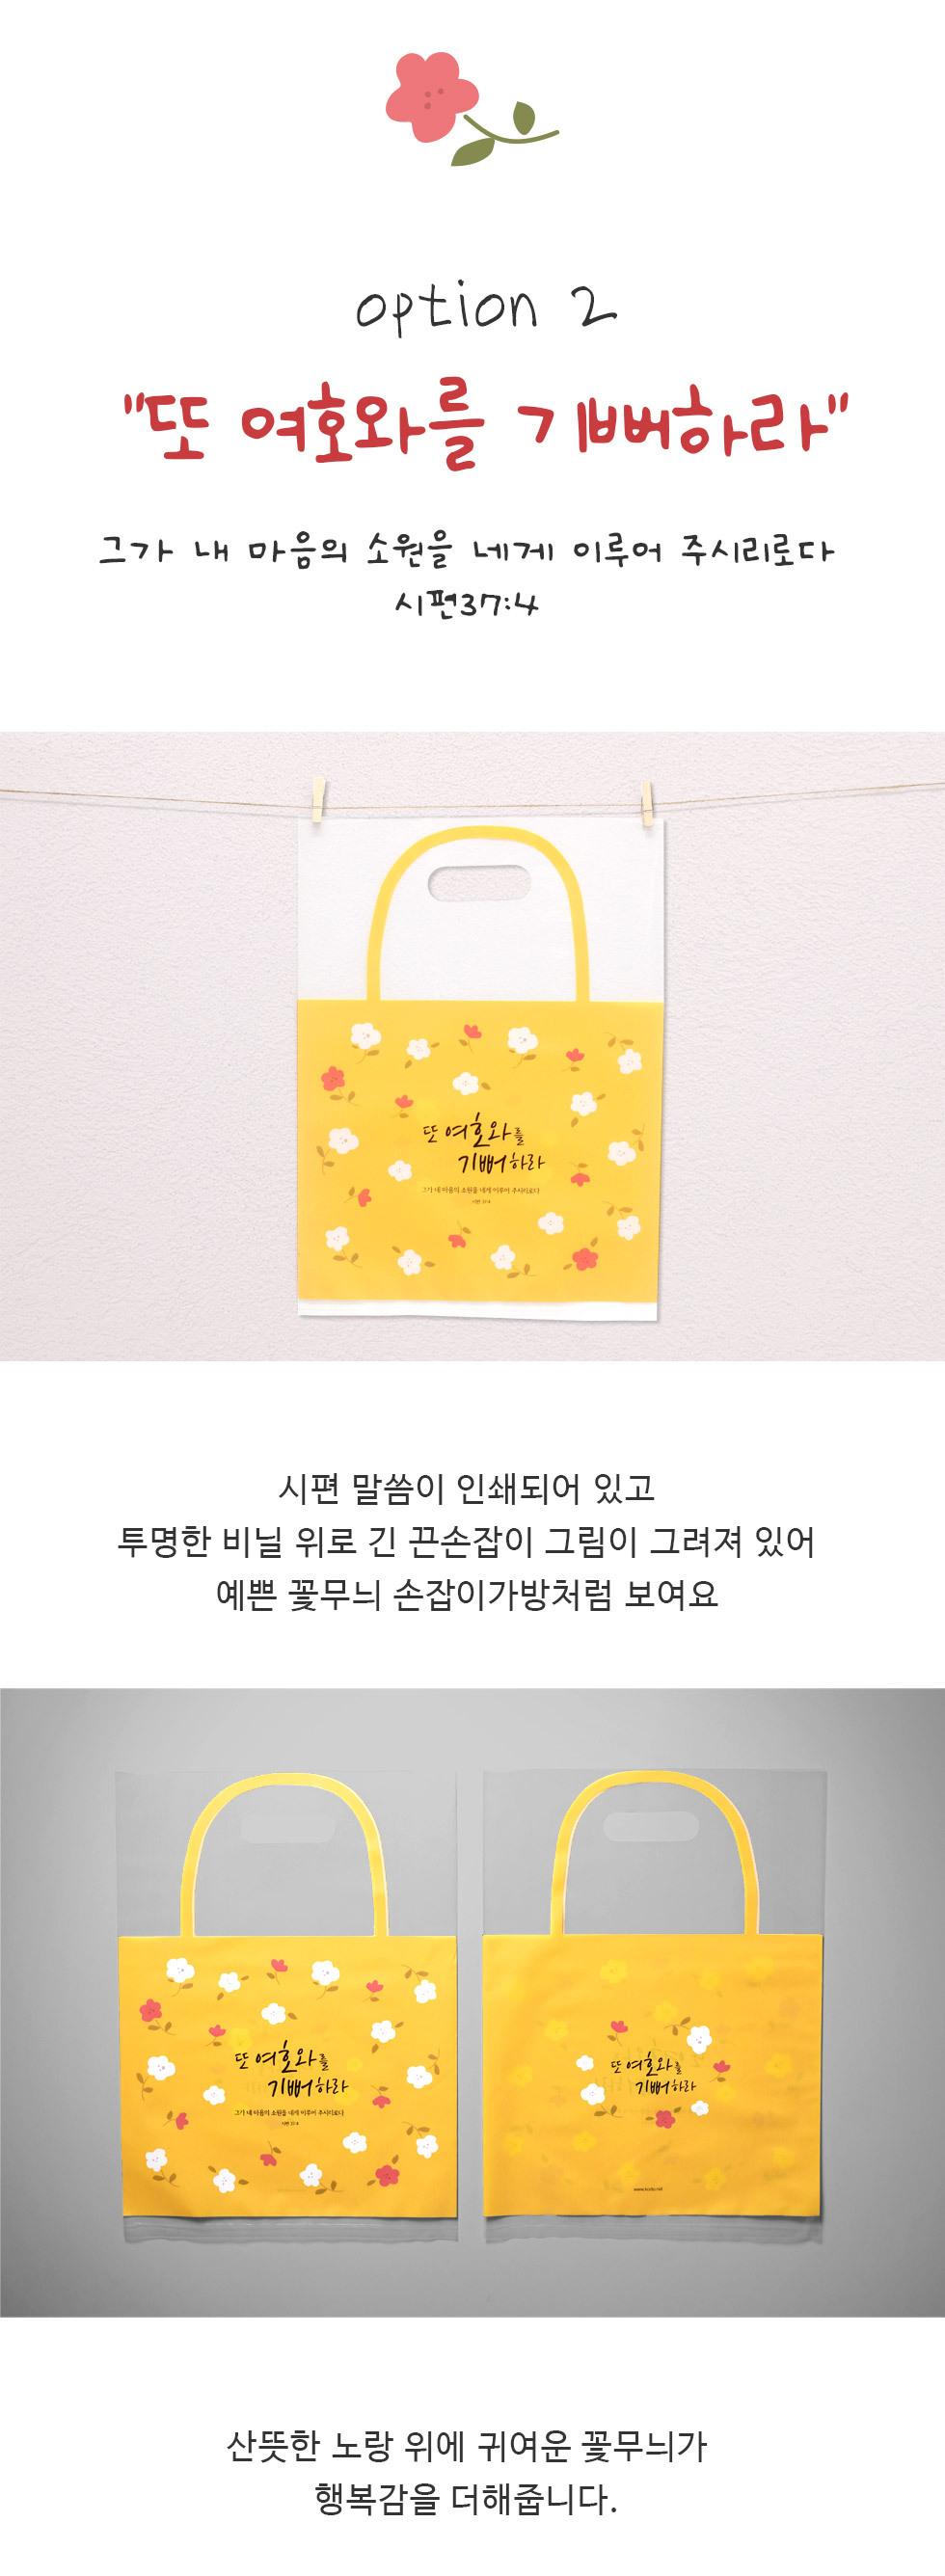 크리스챤 비닐백 비닐쇼핑백 중 2종 - 옵션2 기뻐하라 노랑색